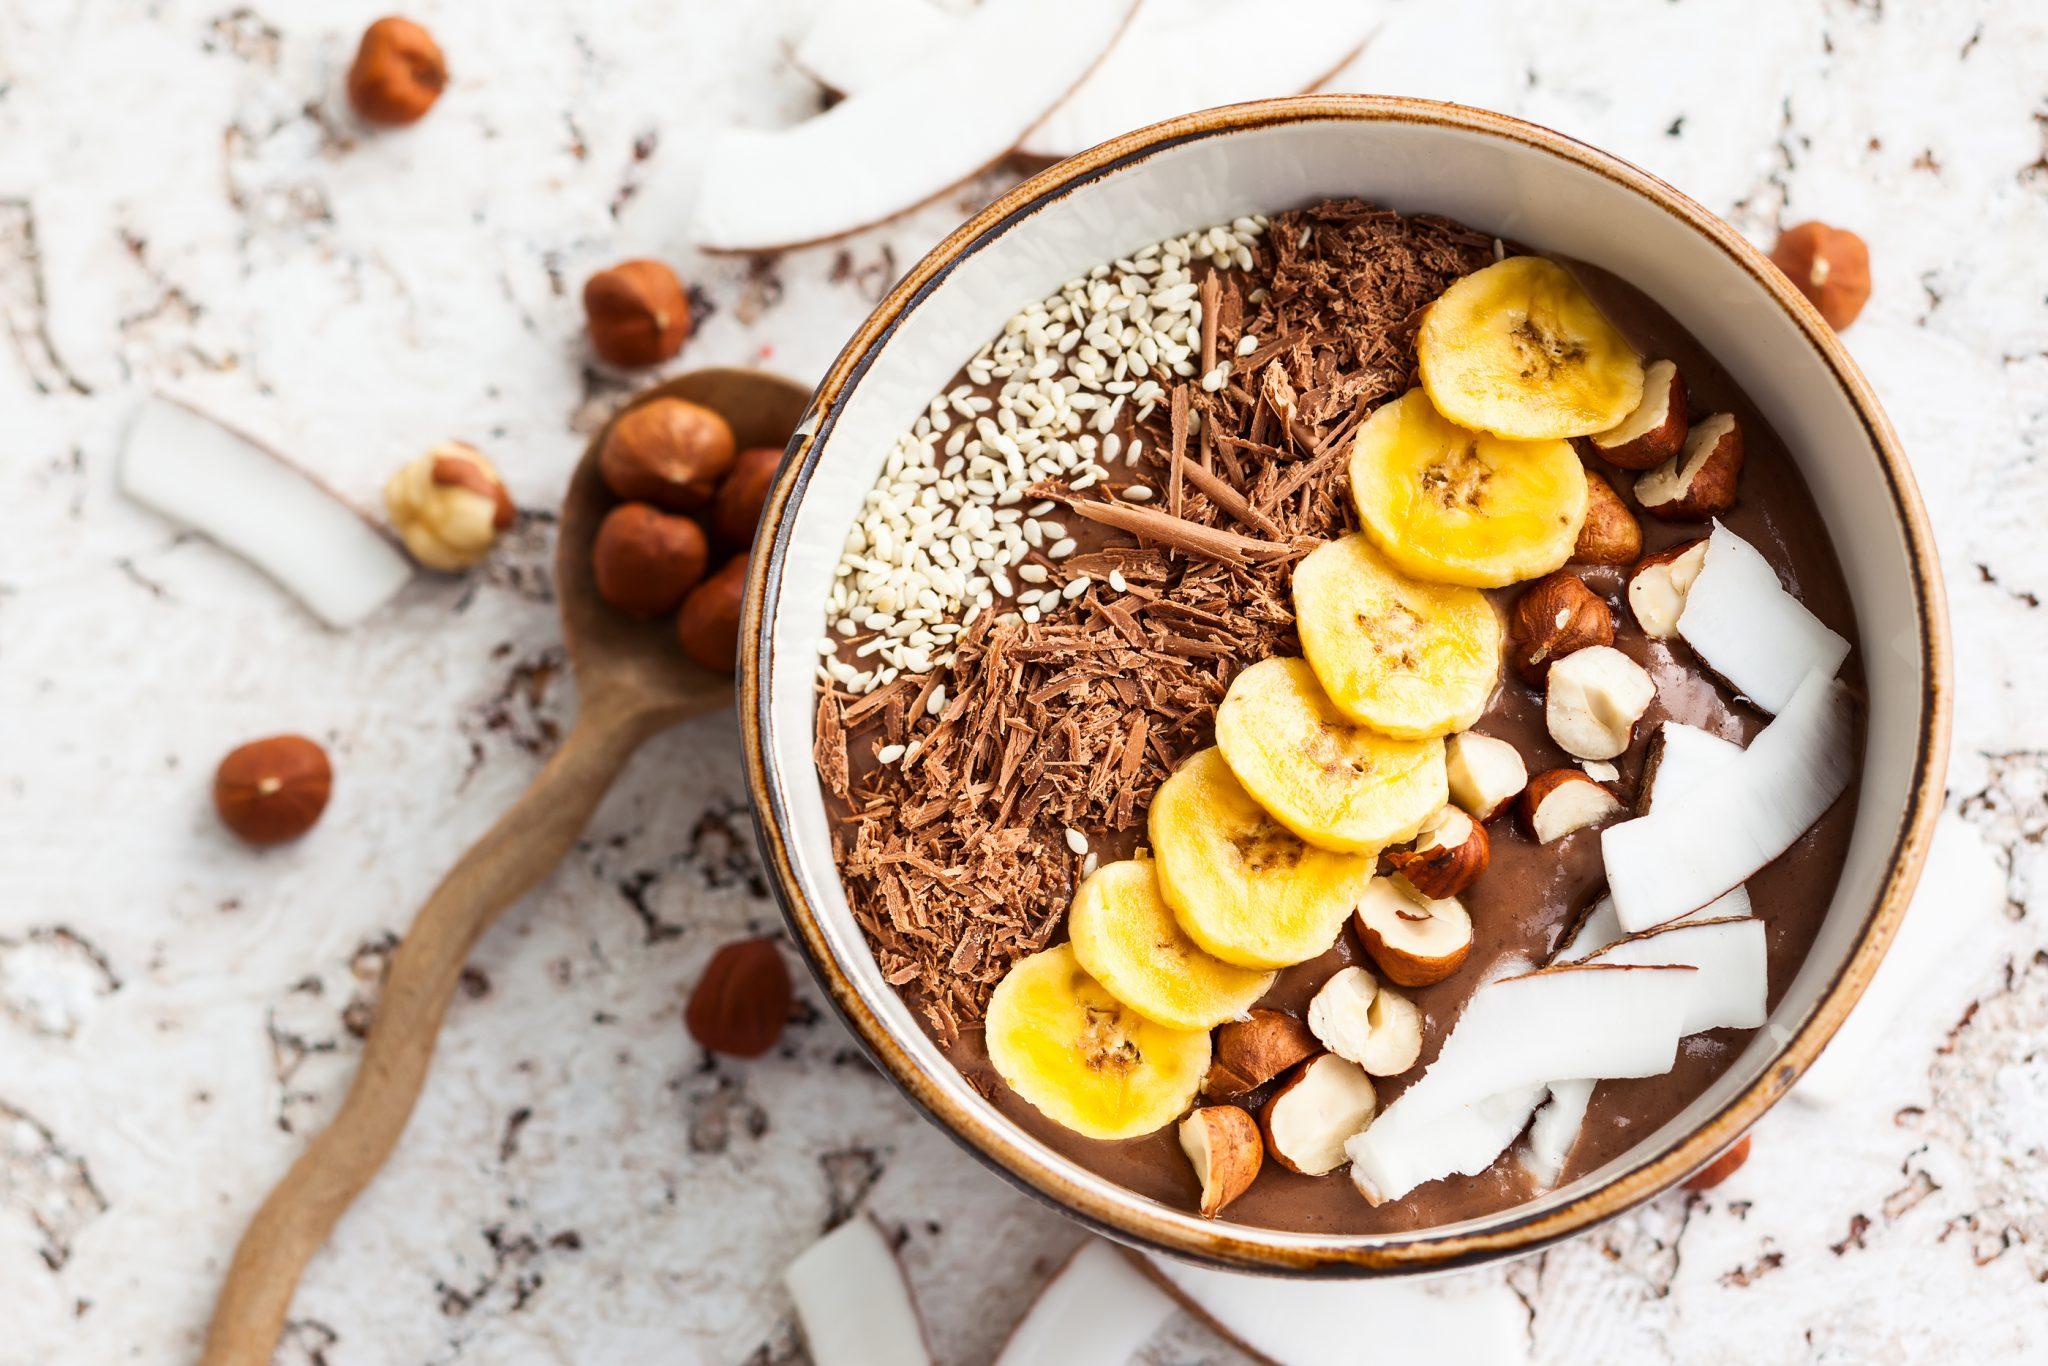 Chocolate Hazelnut Protein Power Bowl